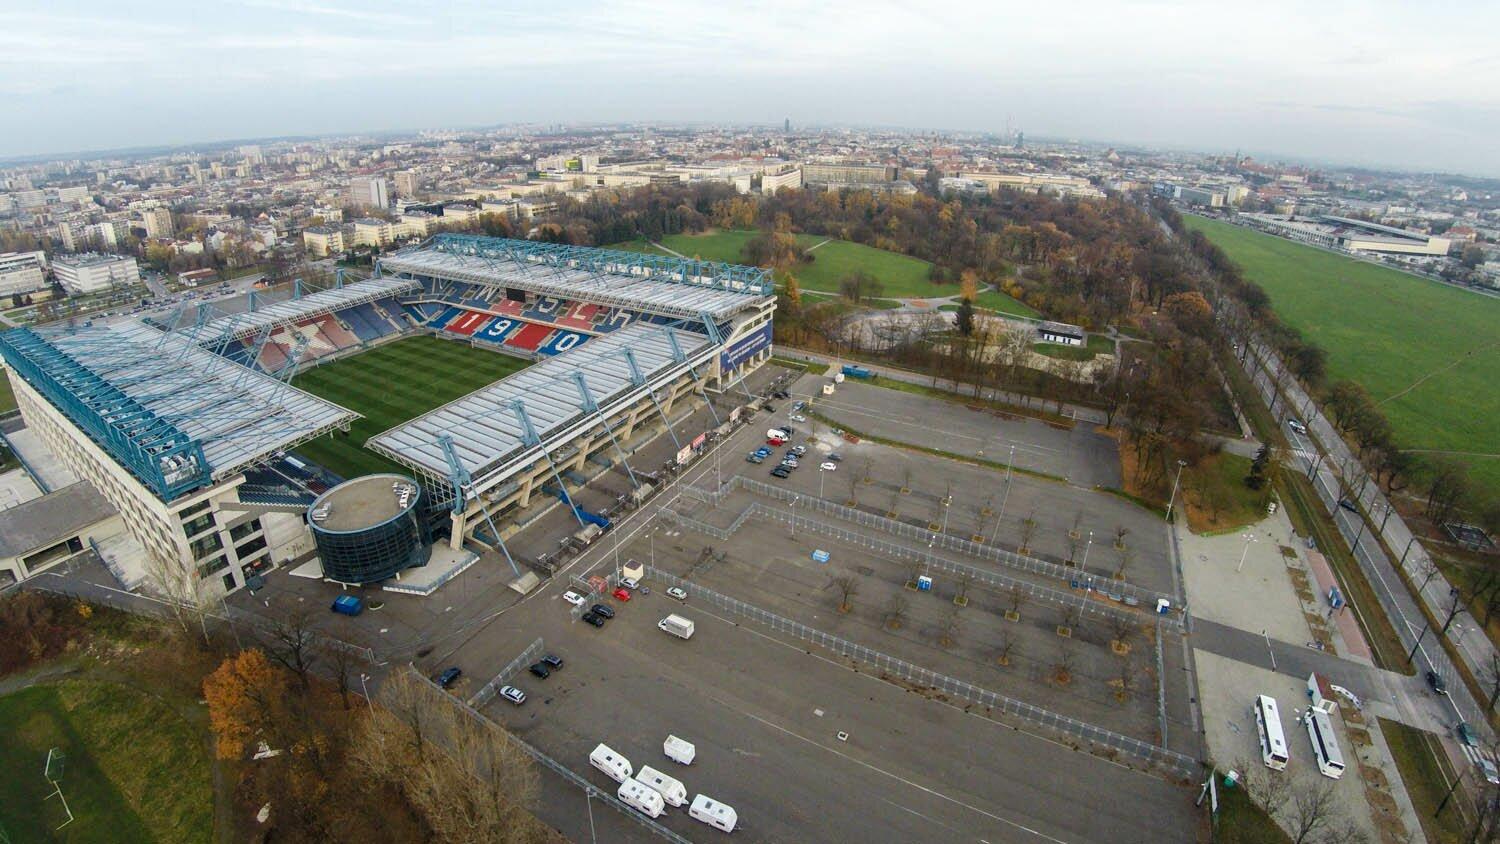 Косово объявлен Краков: Местом проведения отборочного матча чемпионата мира пофутболу Украина